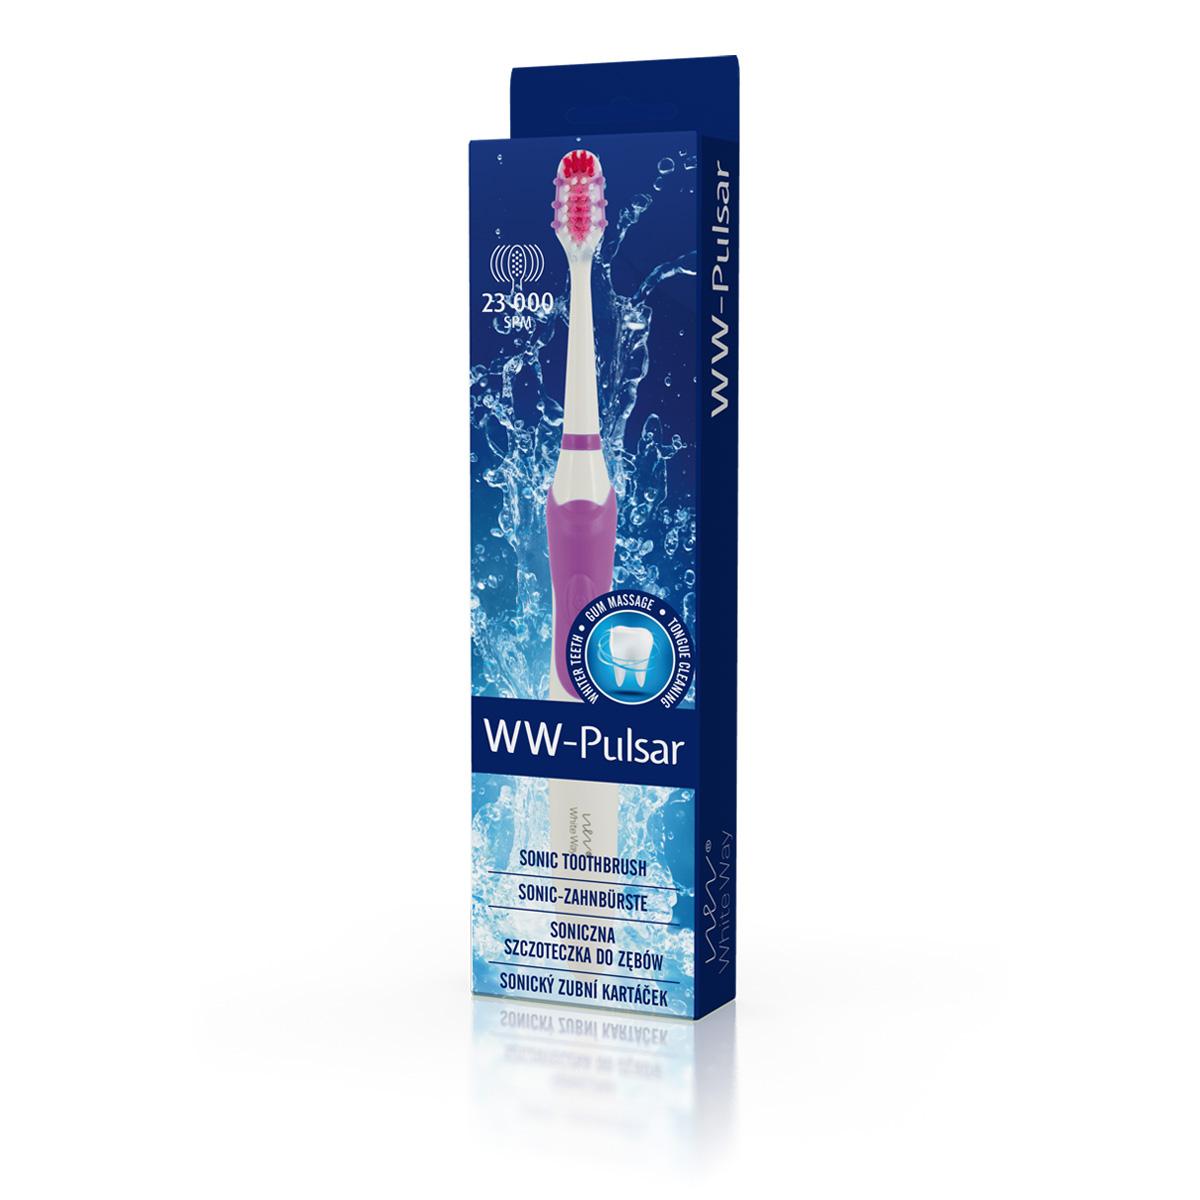 Biotter WW Pulsar sonický zubní kartáček fialový